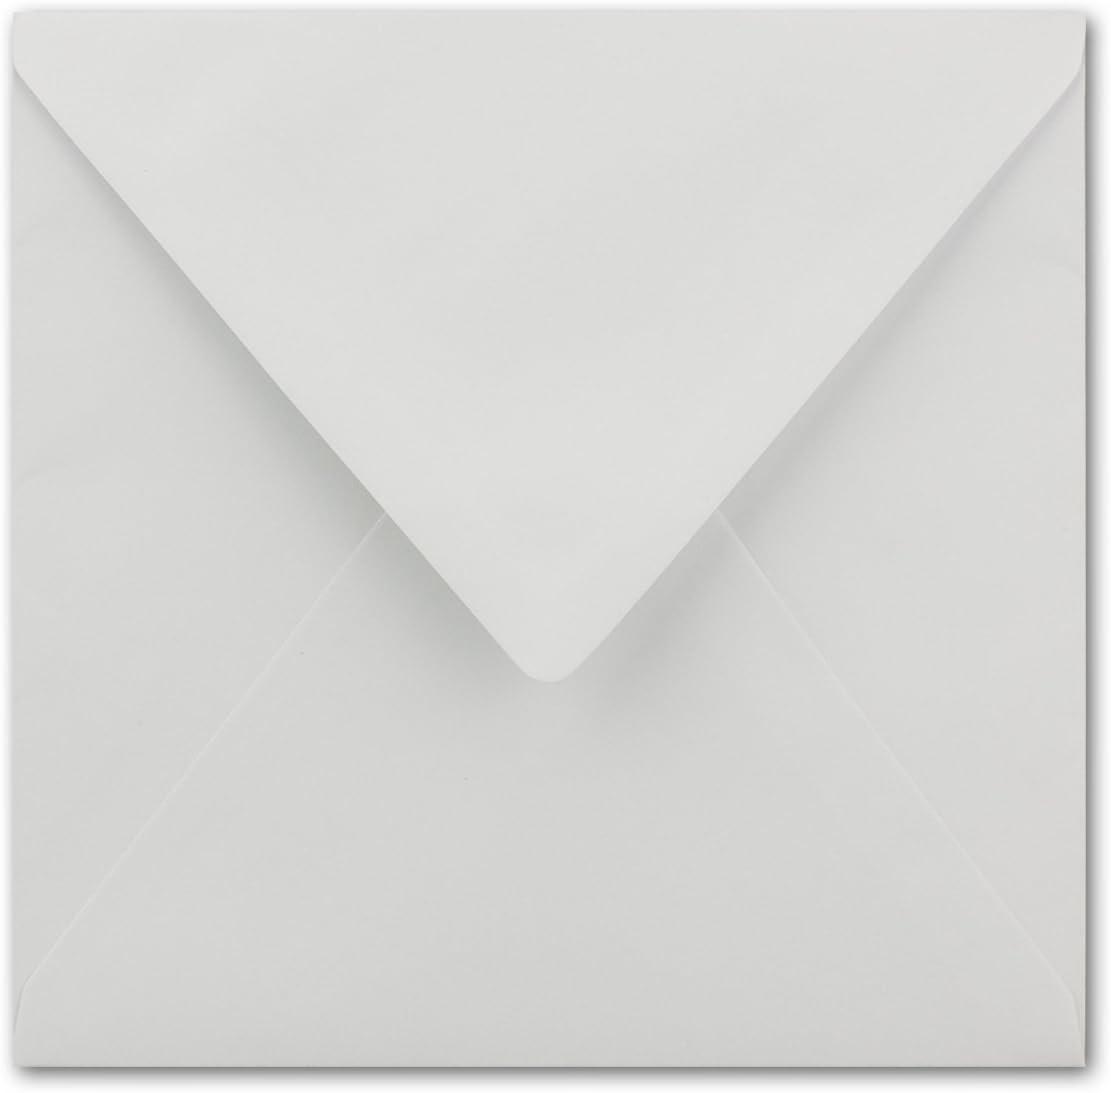 F/ür Hochzeits-Karten Serie FarbenFroh/® 15,5 x 15,5 cm Quadratische Brief-Umschl/äge ohne Fenster in Dunkelgr/ün Nassklebung 75 St/ück Einladungskarten und mehr